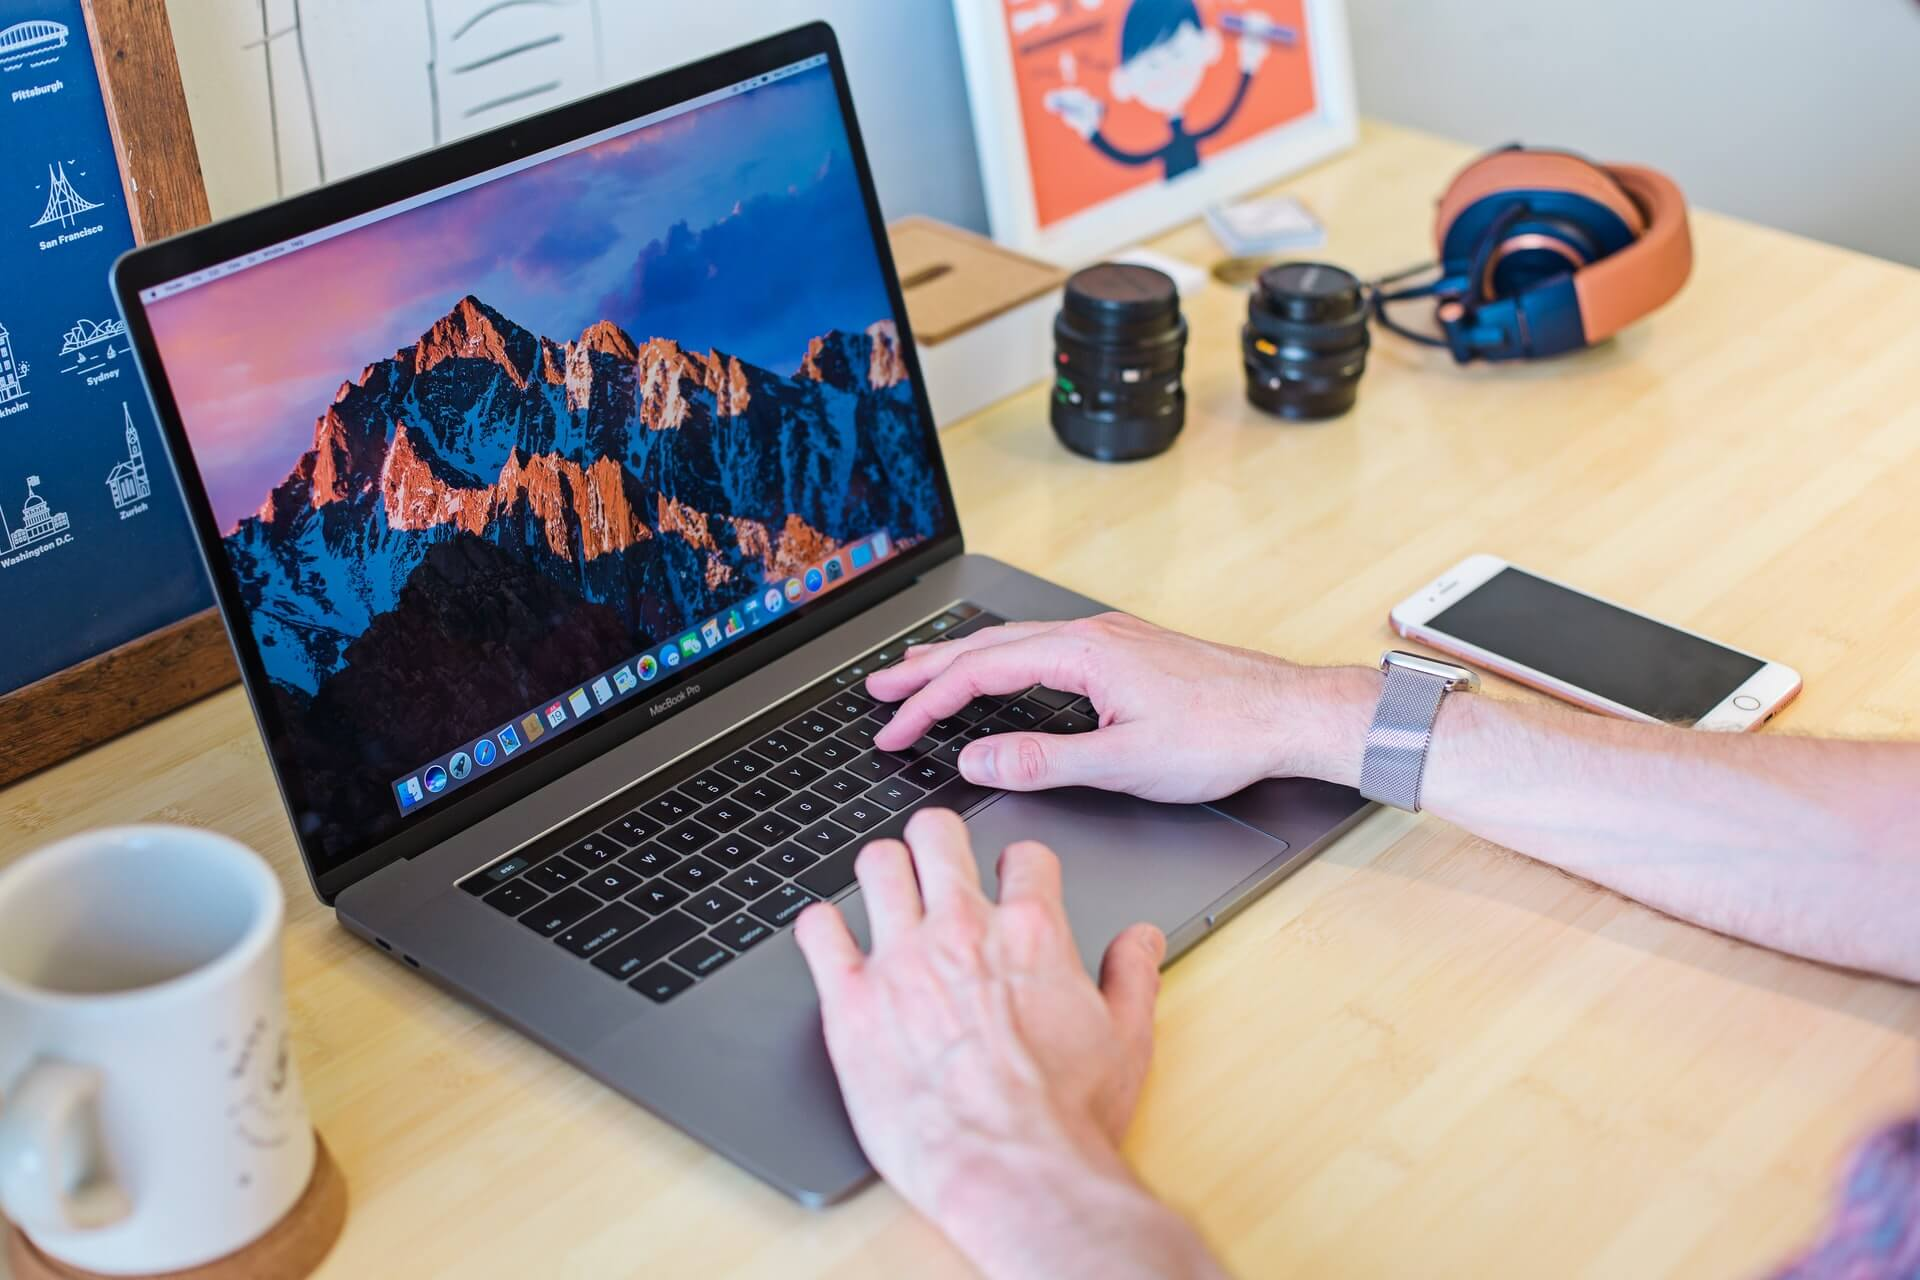 macbookで仕事する人